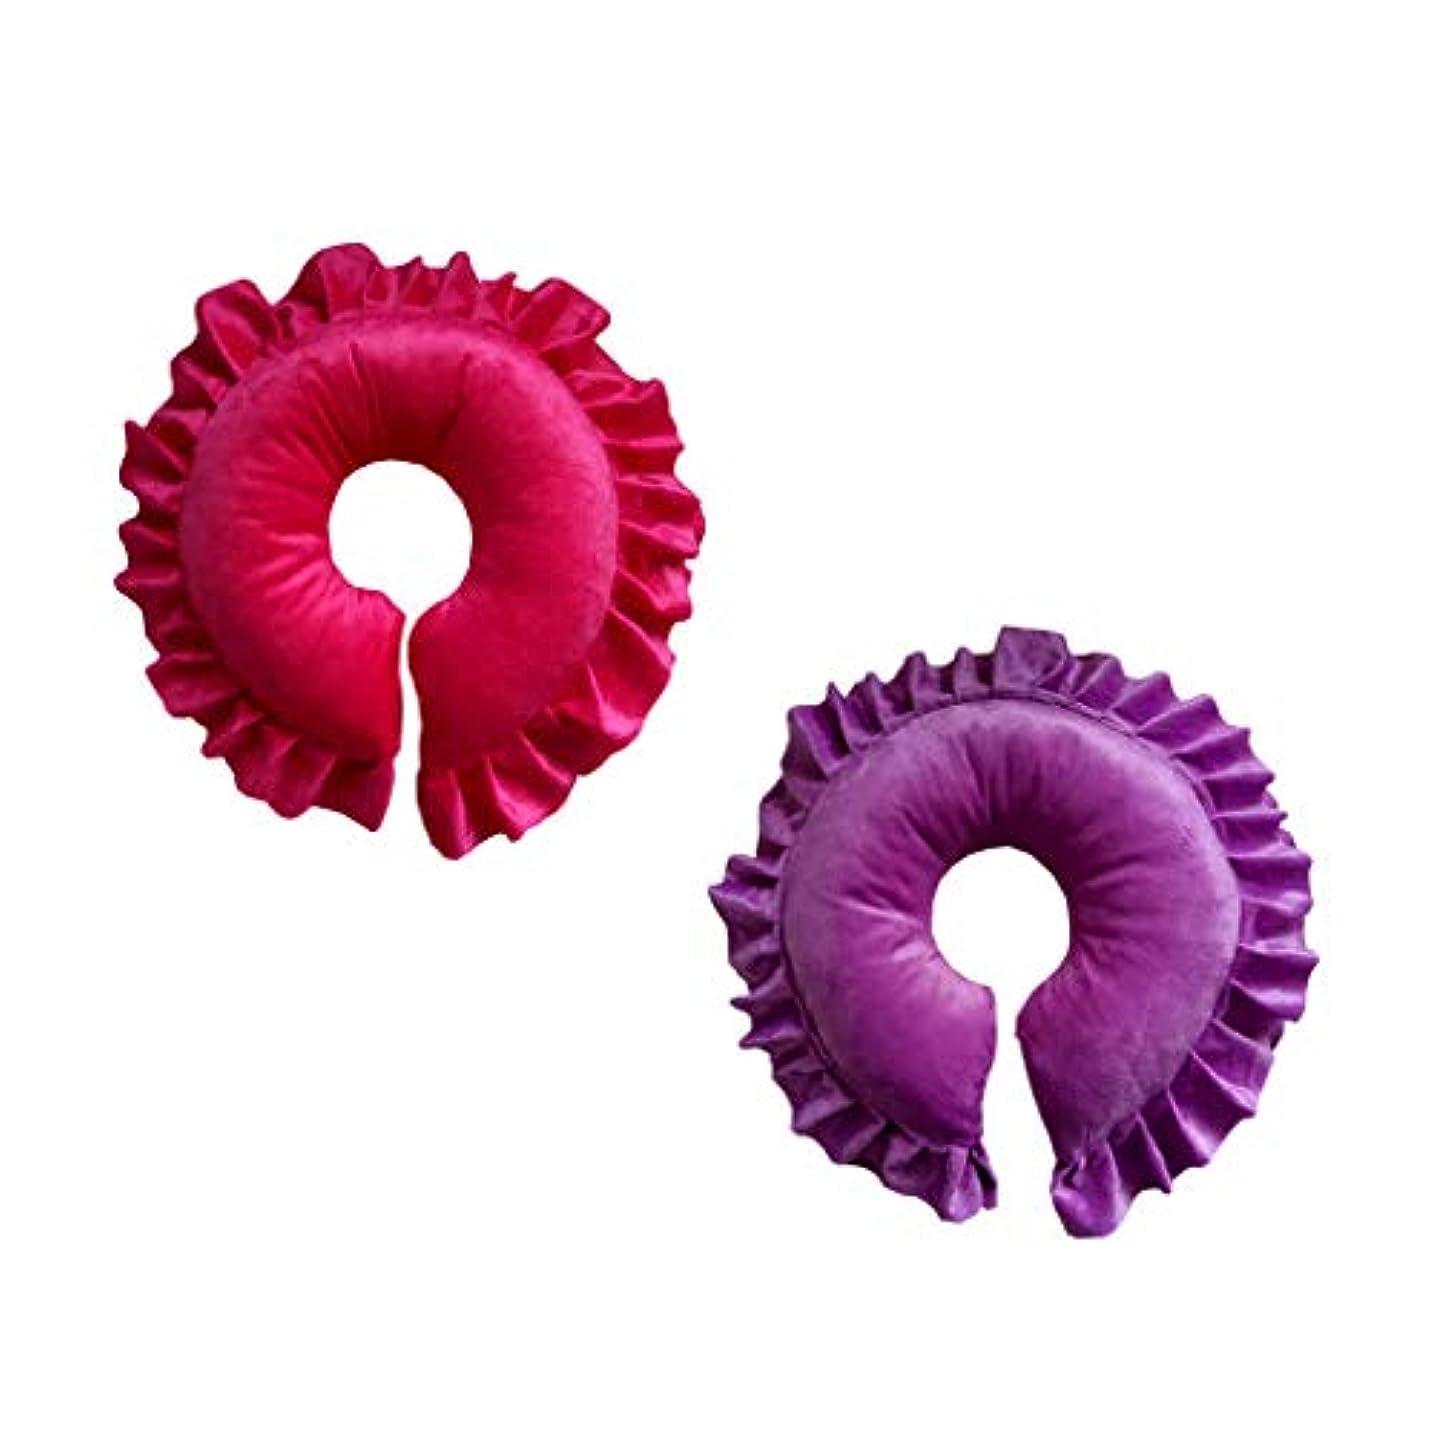 スーパーマーケット疑い者幻滅するPerfeclan 2個 フェイスピロー マッサージ枕 クッション サロン スパ 快適 実用的 紫&赤 2ピース